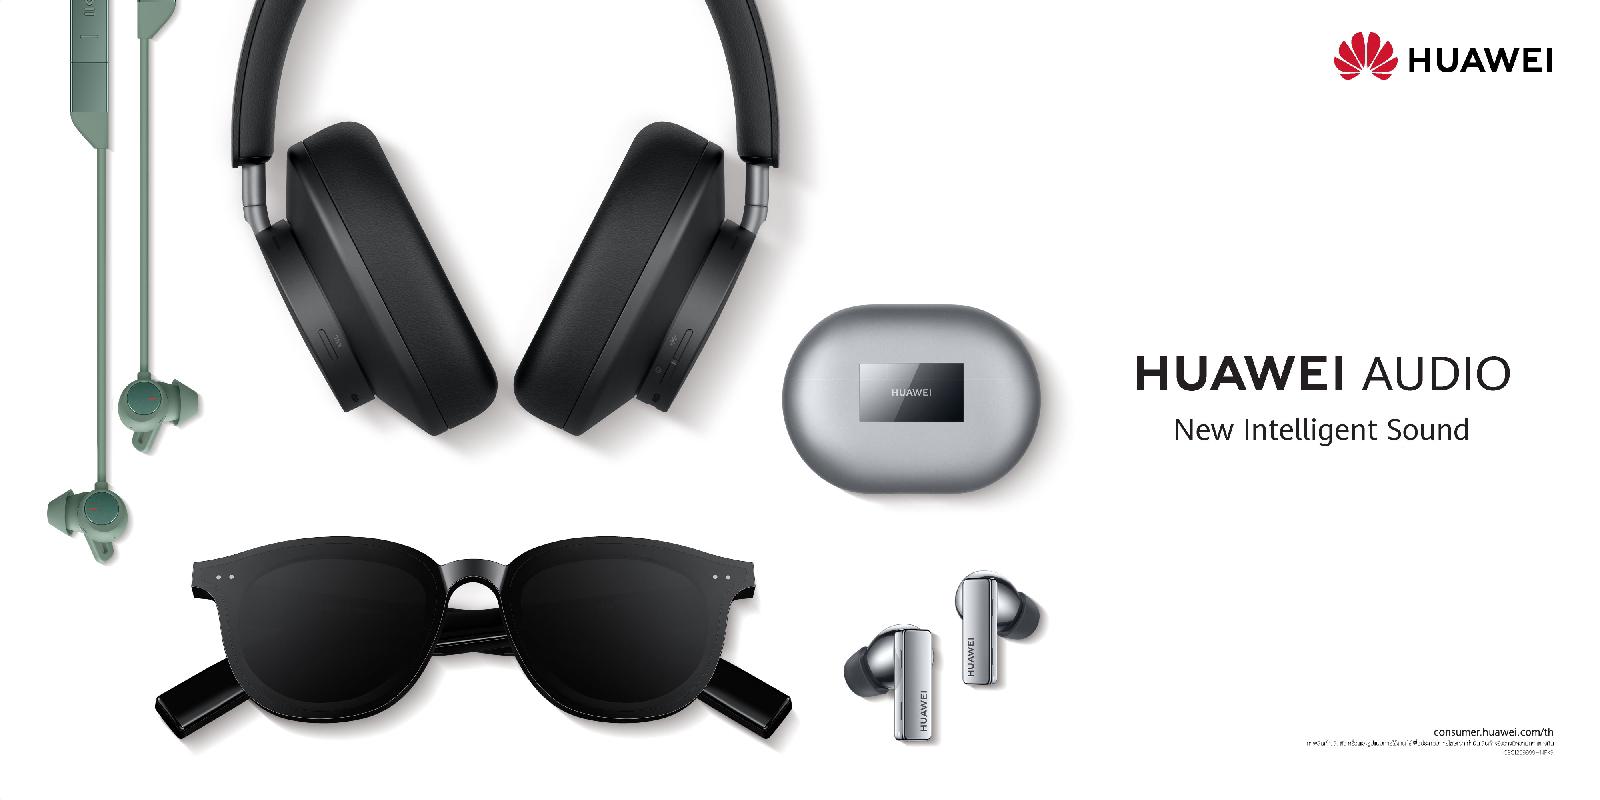 ค้นพบประสบการณ์ดนตรีและเสียงที่ไร้ขีดจำกัด ไม่พลาดทุกสายสนทนา คมชัดทุกเพลงฮิตทุกที่ ทุกเวลา กับ 3 หูฟังไร้สาย และ 1 แว่นตาอัจฉริยะที่เป็นหูฟังในตัวจาก Huawei